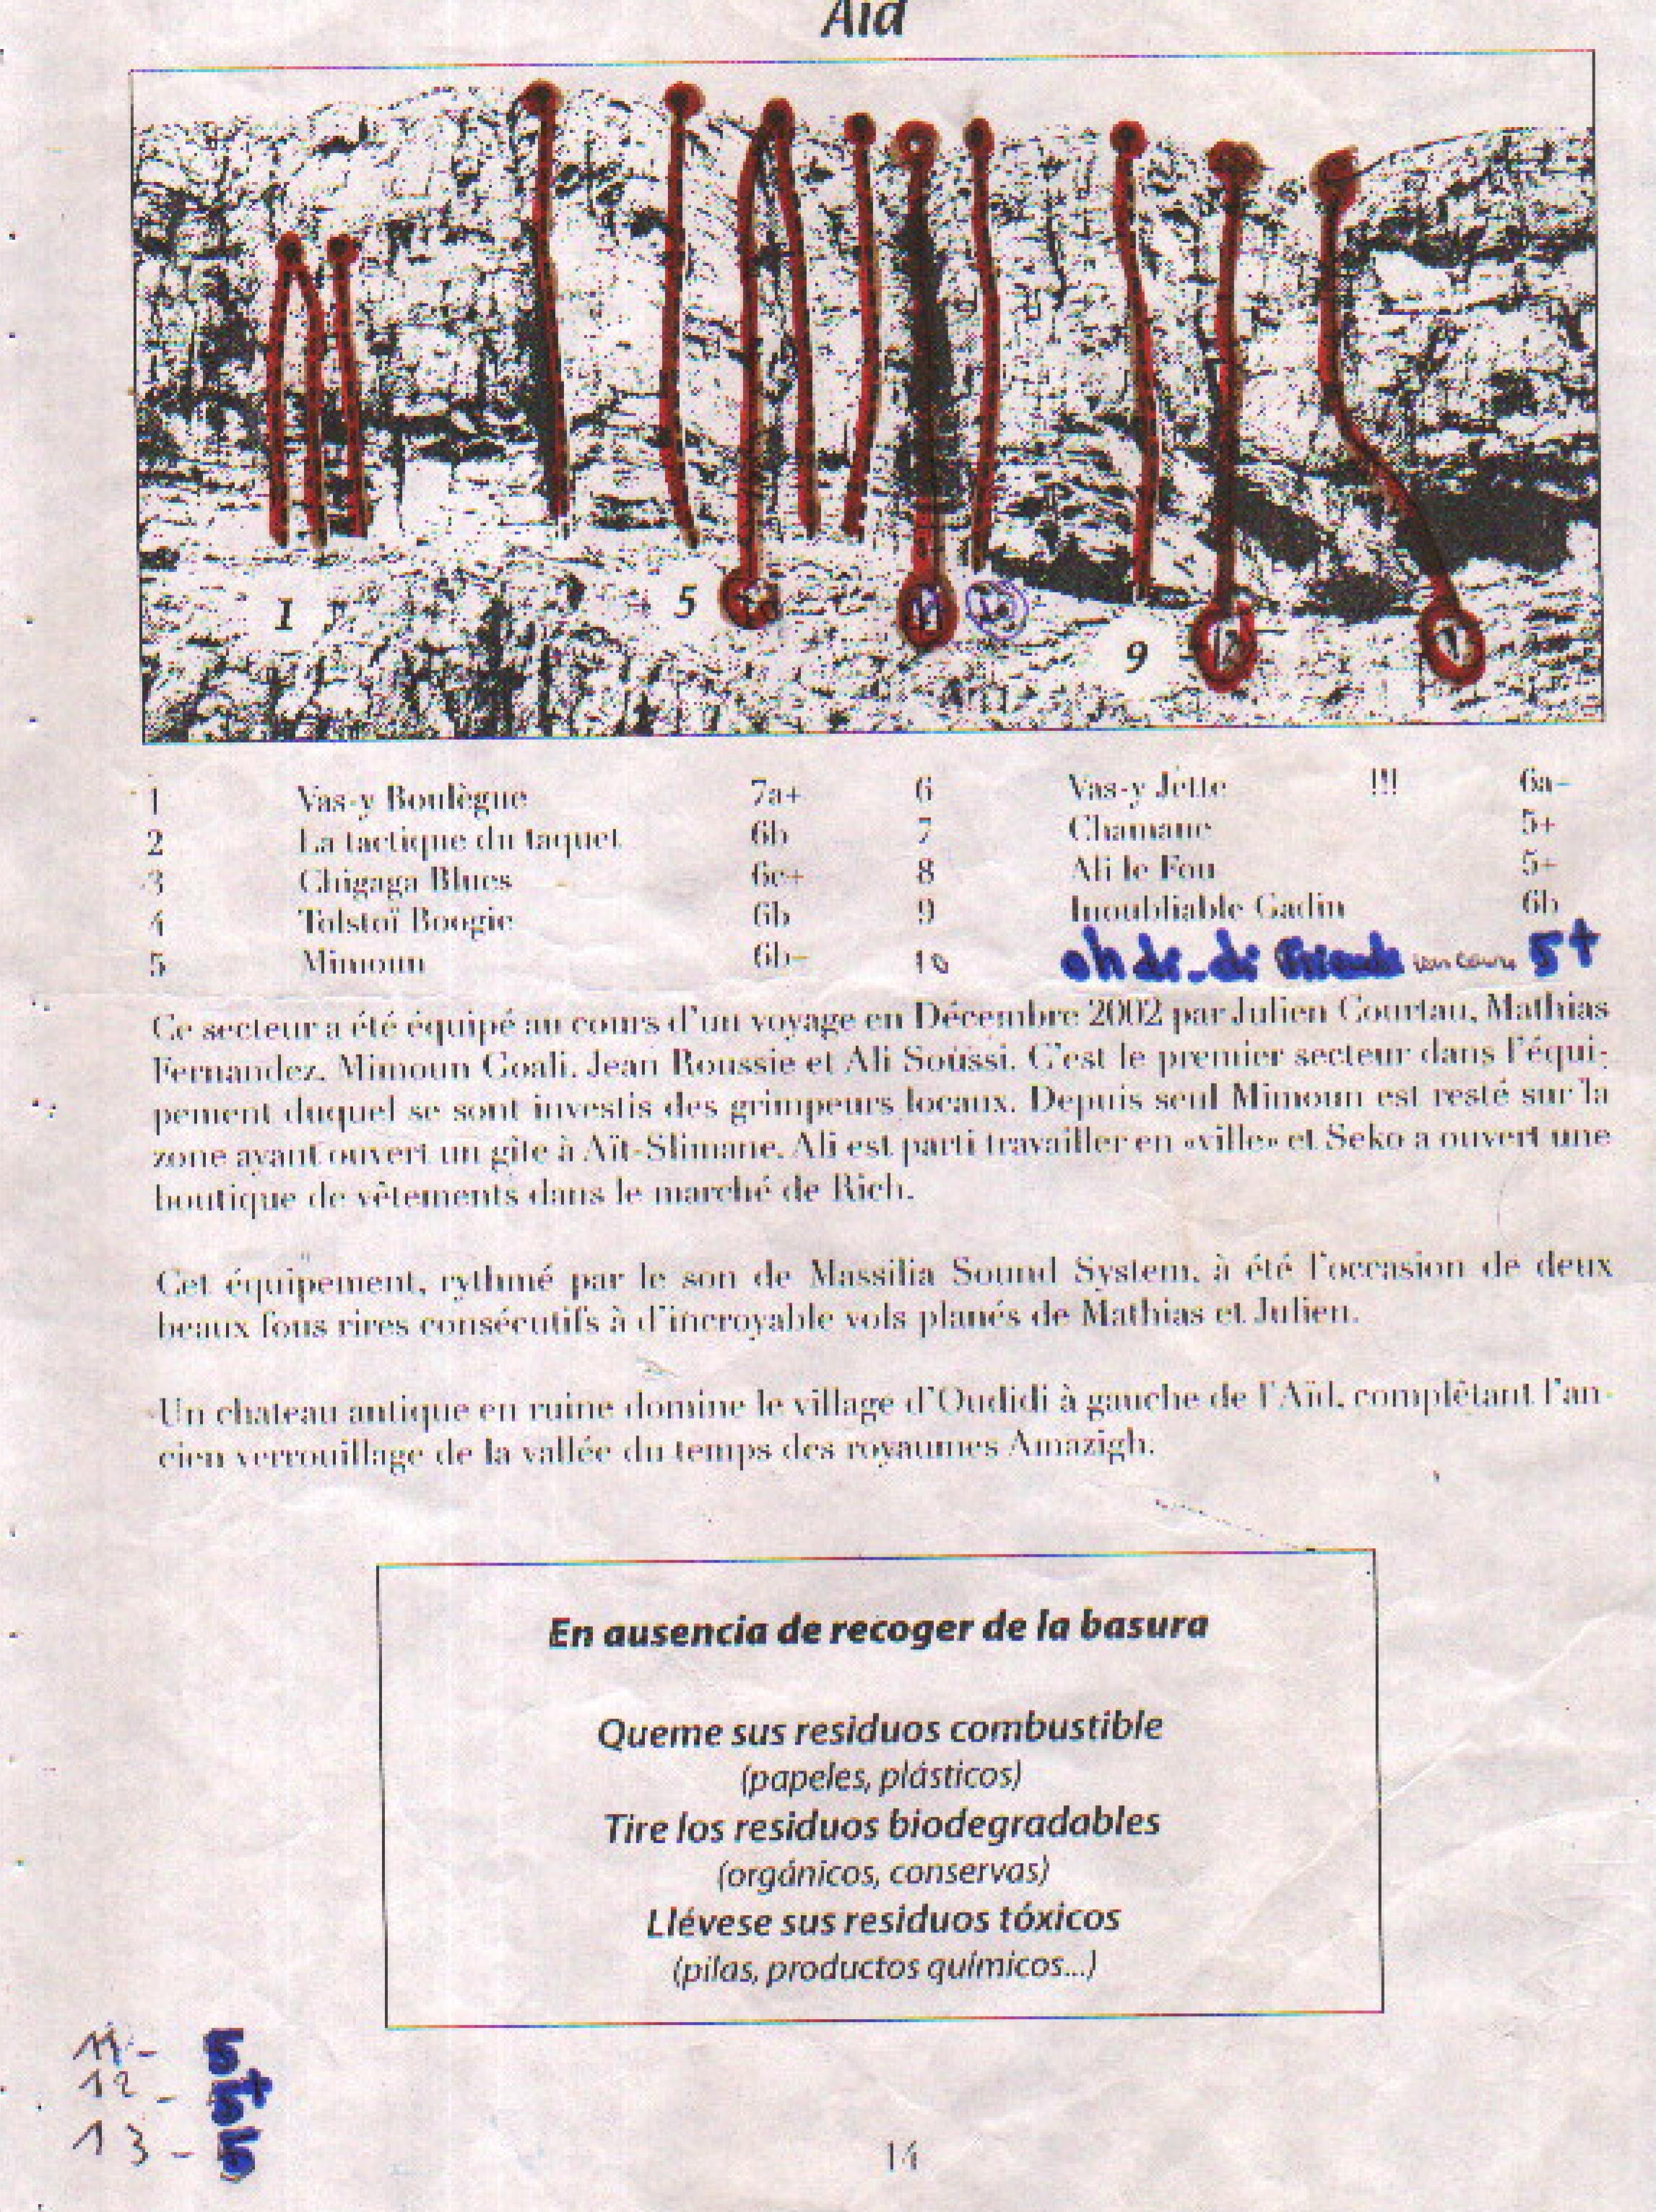 topos-escalade-amellago-23